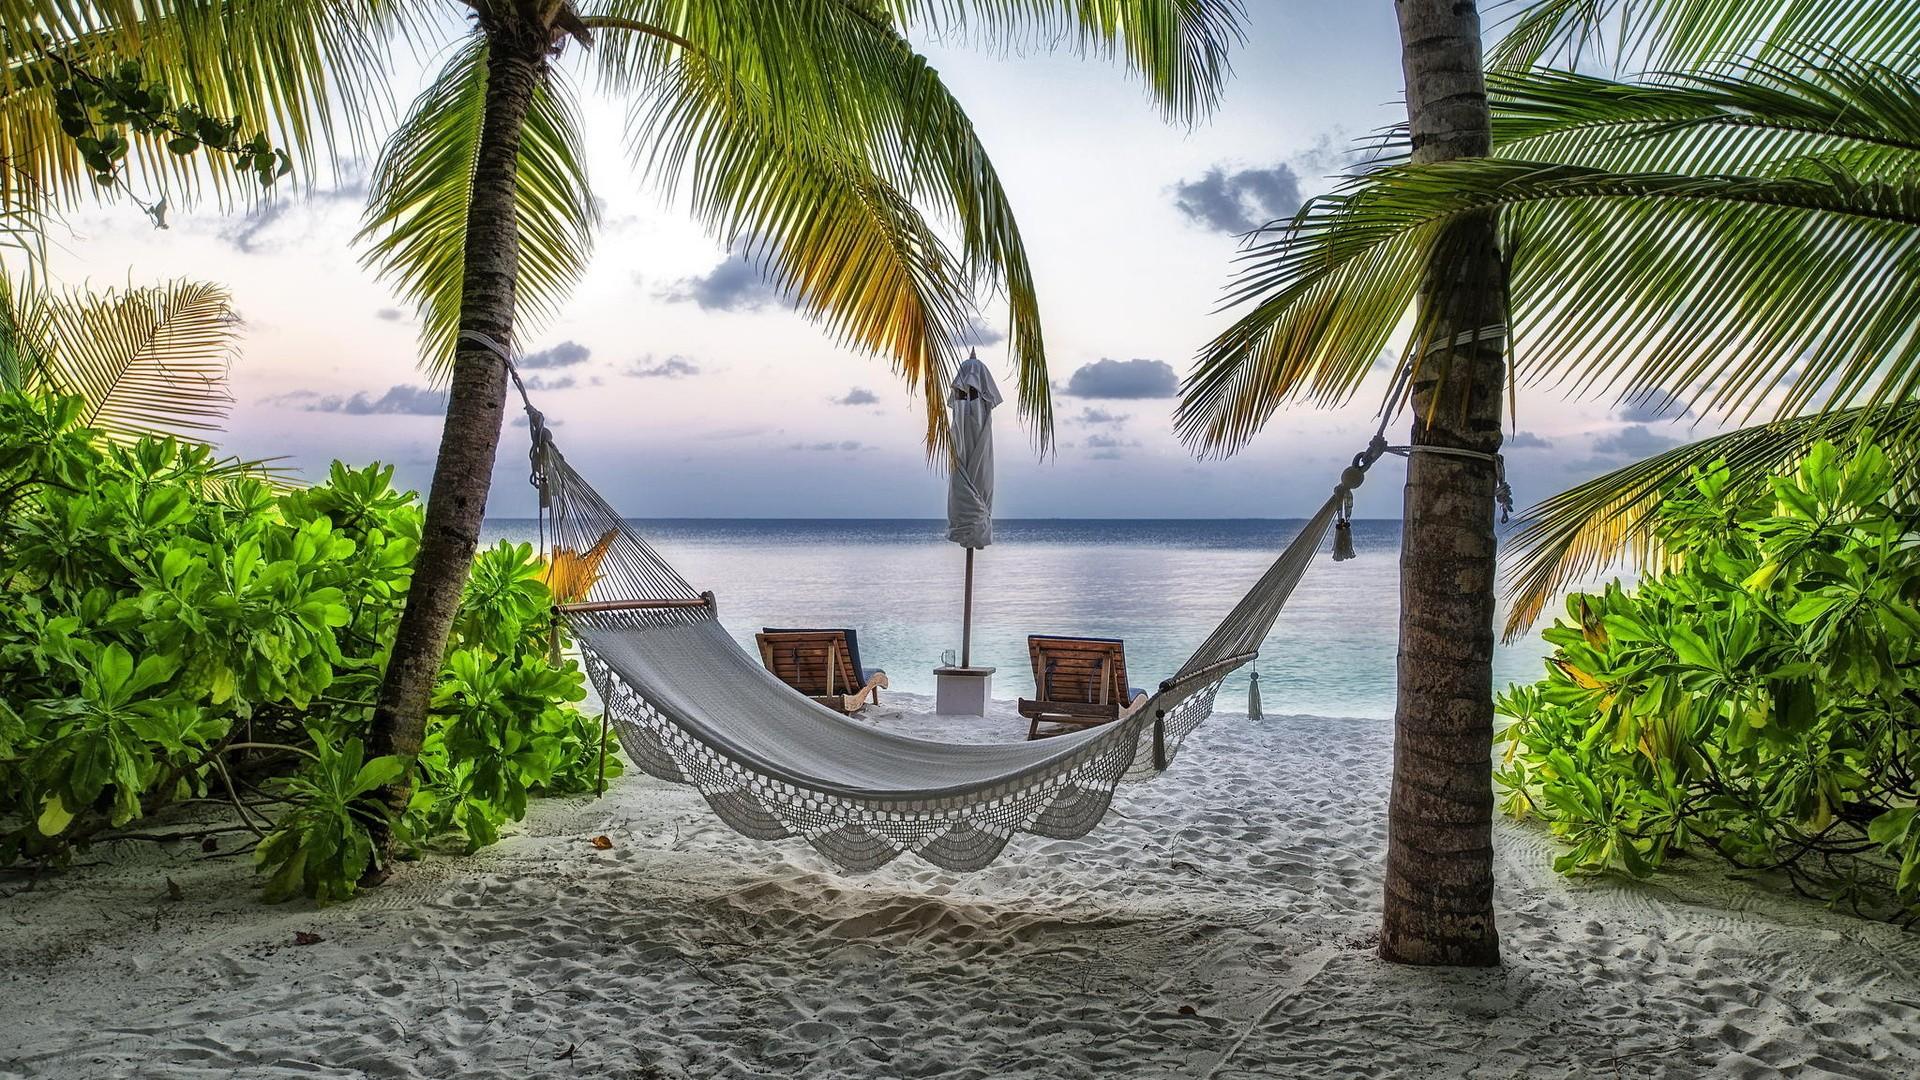 Fond d'écran : paysage, mer, plage, recours, tropical, jungle, Caraïbes, Hamacs, vacances, biens ...